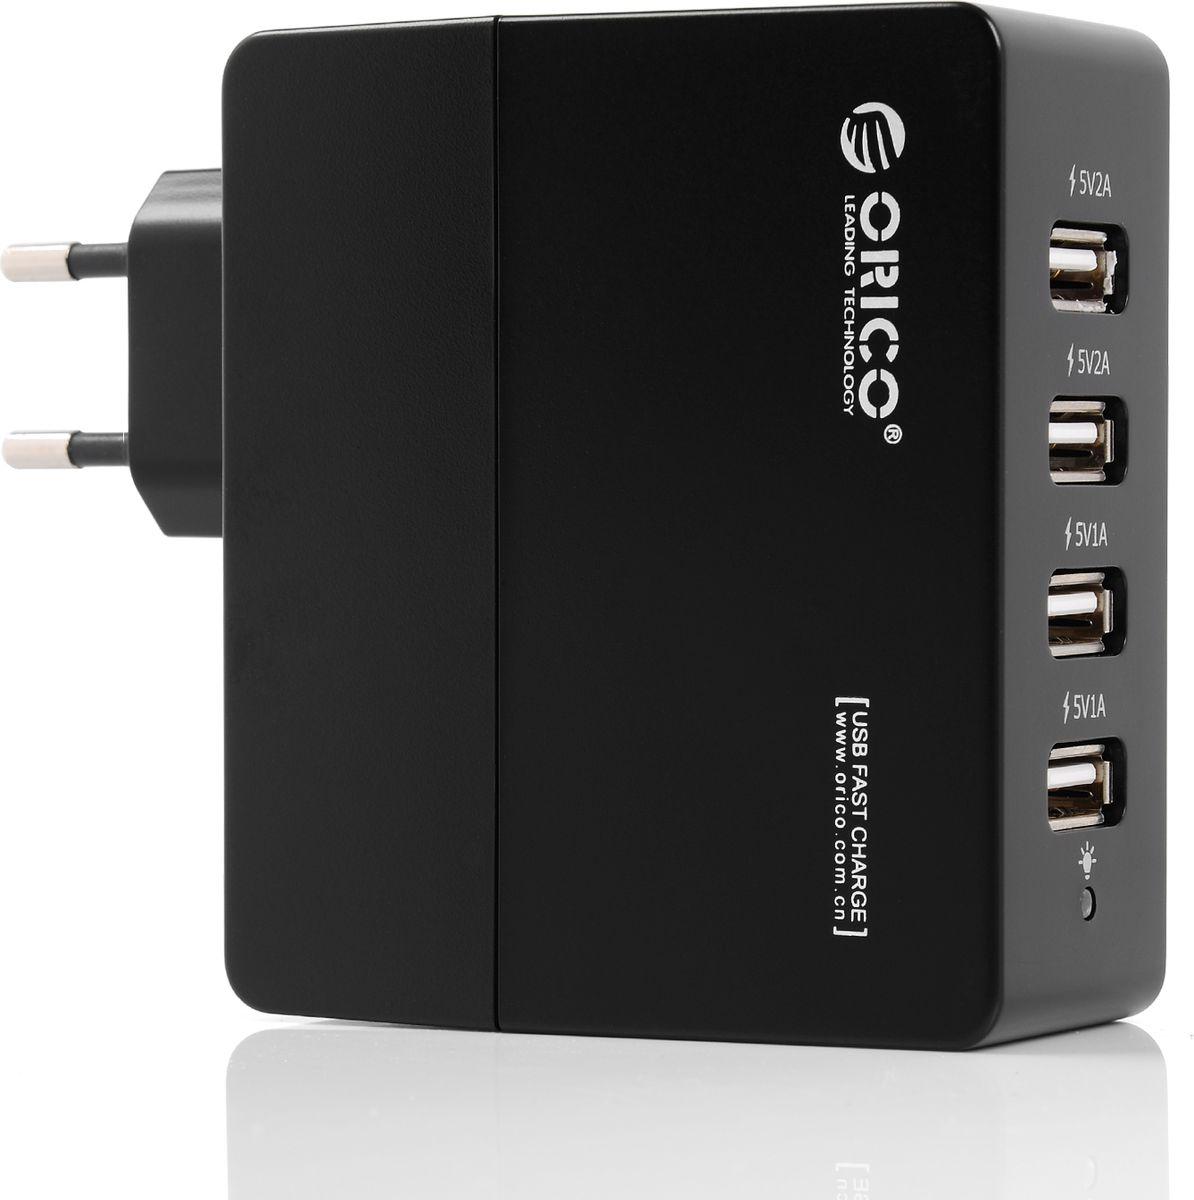 Orico DCA-4U, Black сетевое зарядное устройствоORICO DCA-4U-BKORICO DCA-4U способен самостоятельно определить подключённое к нему устройство и подобрать лучшие выходные параметры силы тока и напряжений для быстрой и безопасной зарядки (1А и 2,4А). ORICO DCA-4U справится с зарядкой четырёх устройств с силой тока до 2,4А. Благодаря качественным электронным компонентам КПД составляет 85%. ORICO DCA-4U оборудовано защитой от перегрева, короткого замыкания, перезарядки и превышения мощность зарядки. ХарактеристикиТип устройства Блок питанияМатериал корпуса ABS пластикИсточник питания Сеть 220ВВыходы USB USB Type AКоличество выходов USB 4Защита от скачков напряжения ДаЗащита от короткого замыкания ДаЗащита от перегрева ДаЗащита от перегрузки ДаЗащита от излишней зарядки ДаИндикатор питания LED синийЦвет черный